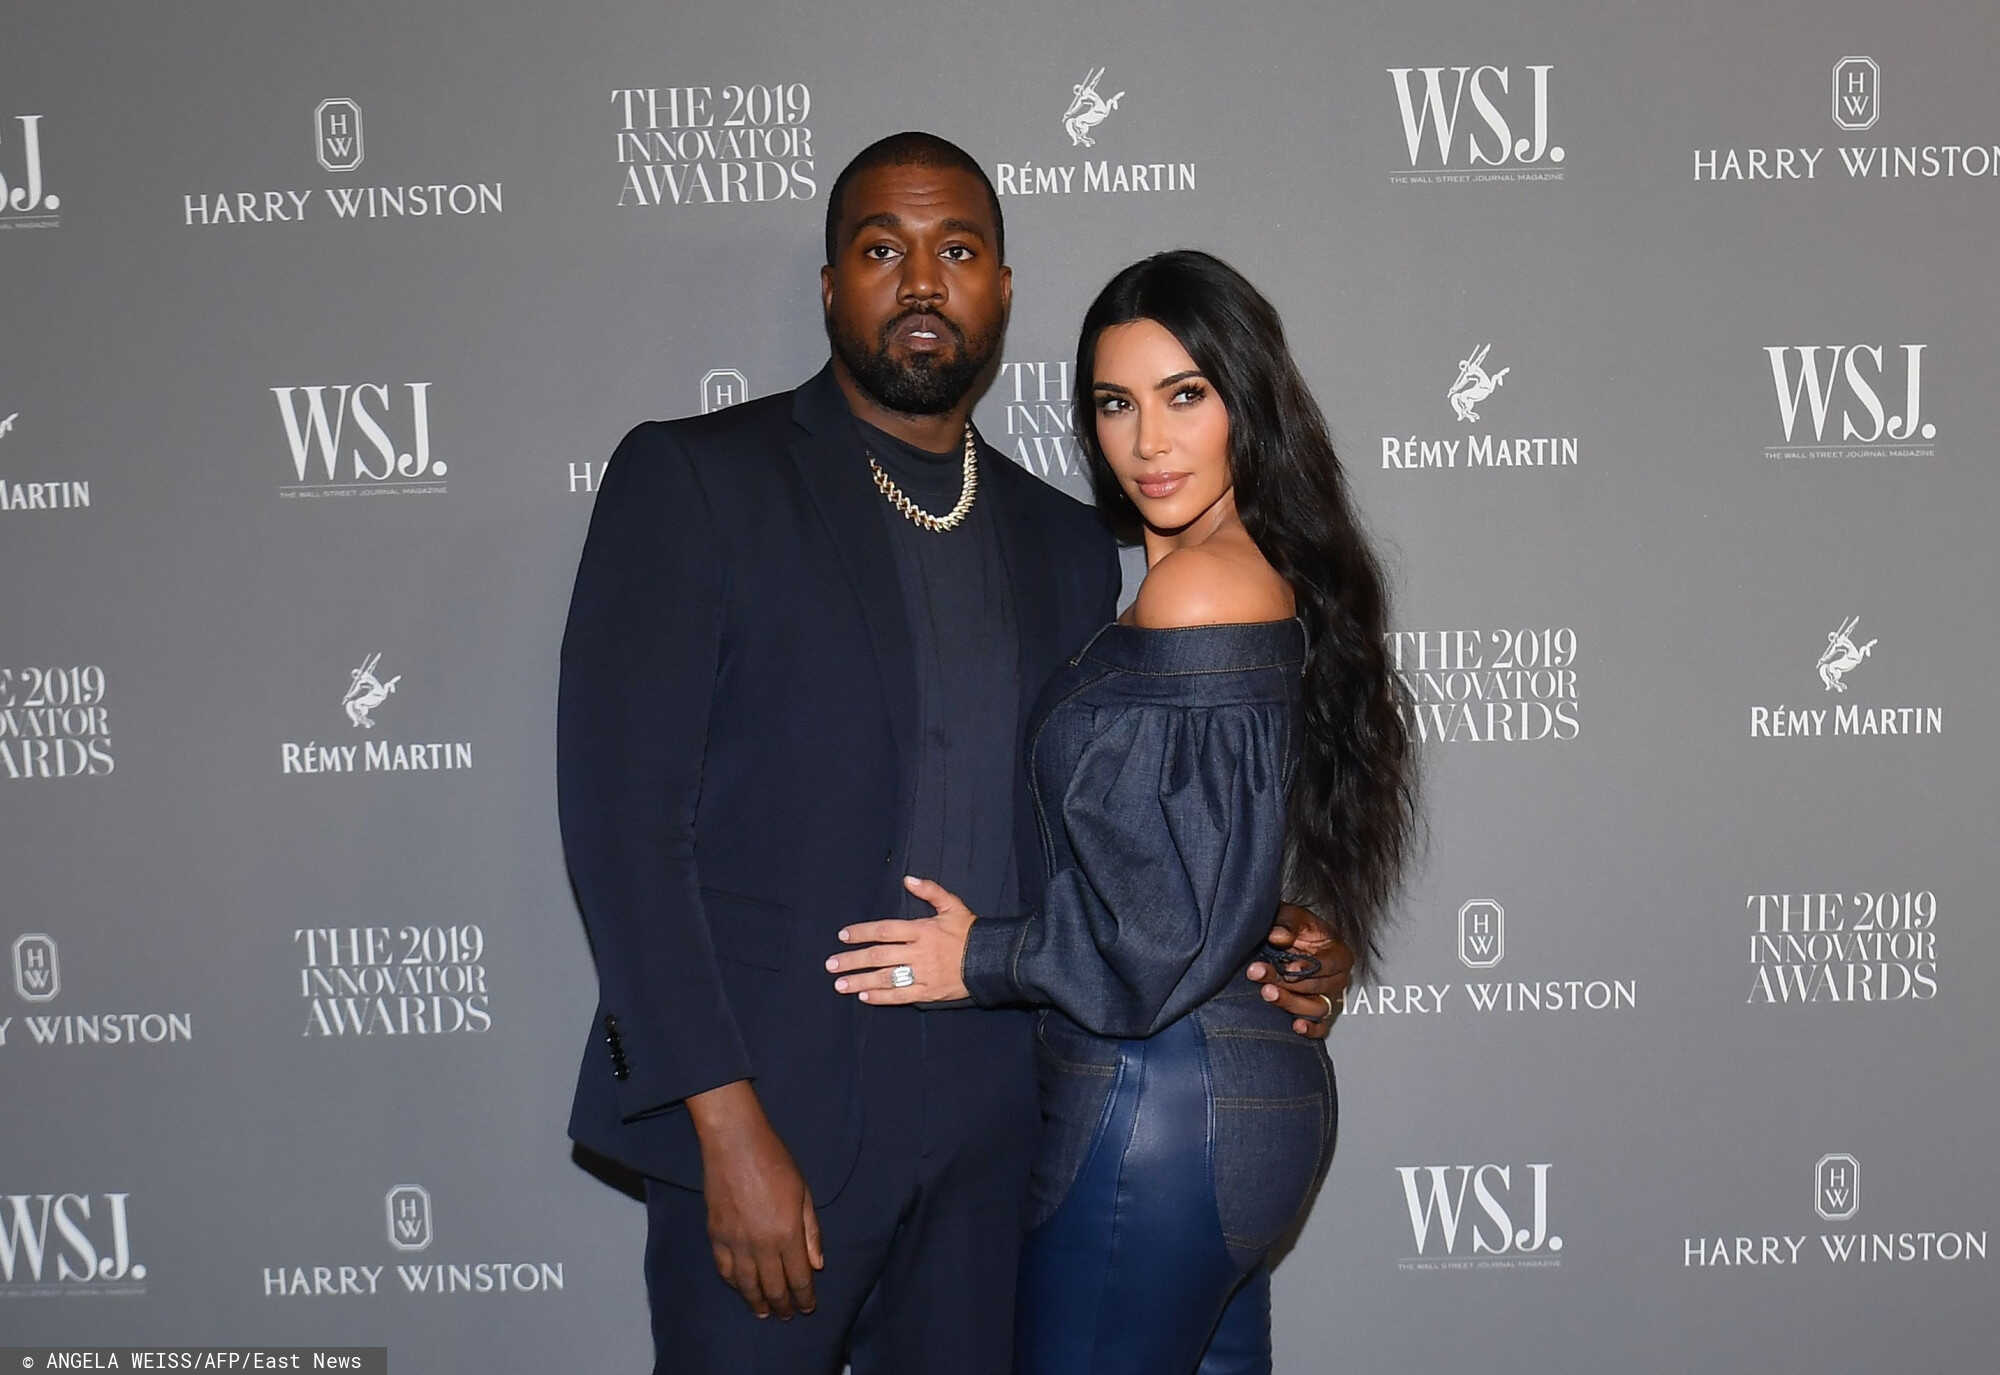 PiS zostało przebite przez Kanye Westa. Raper zaproponował milion na każde dziecko.